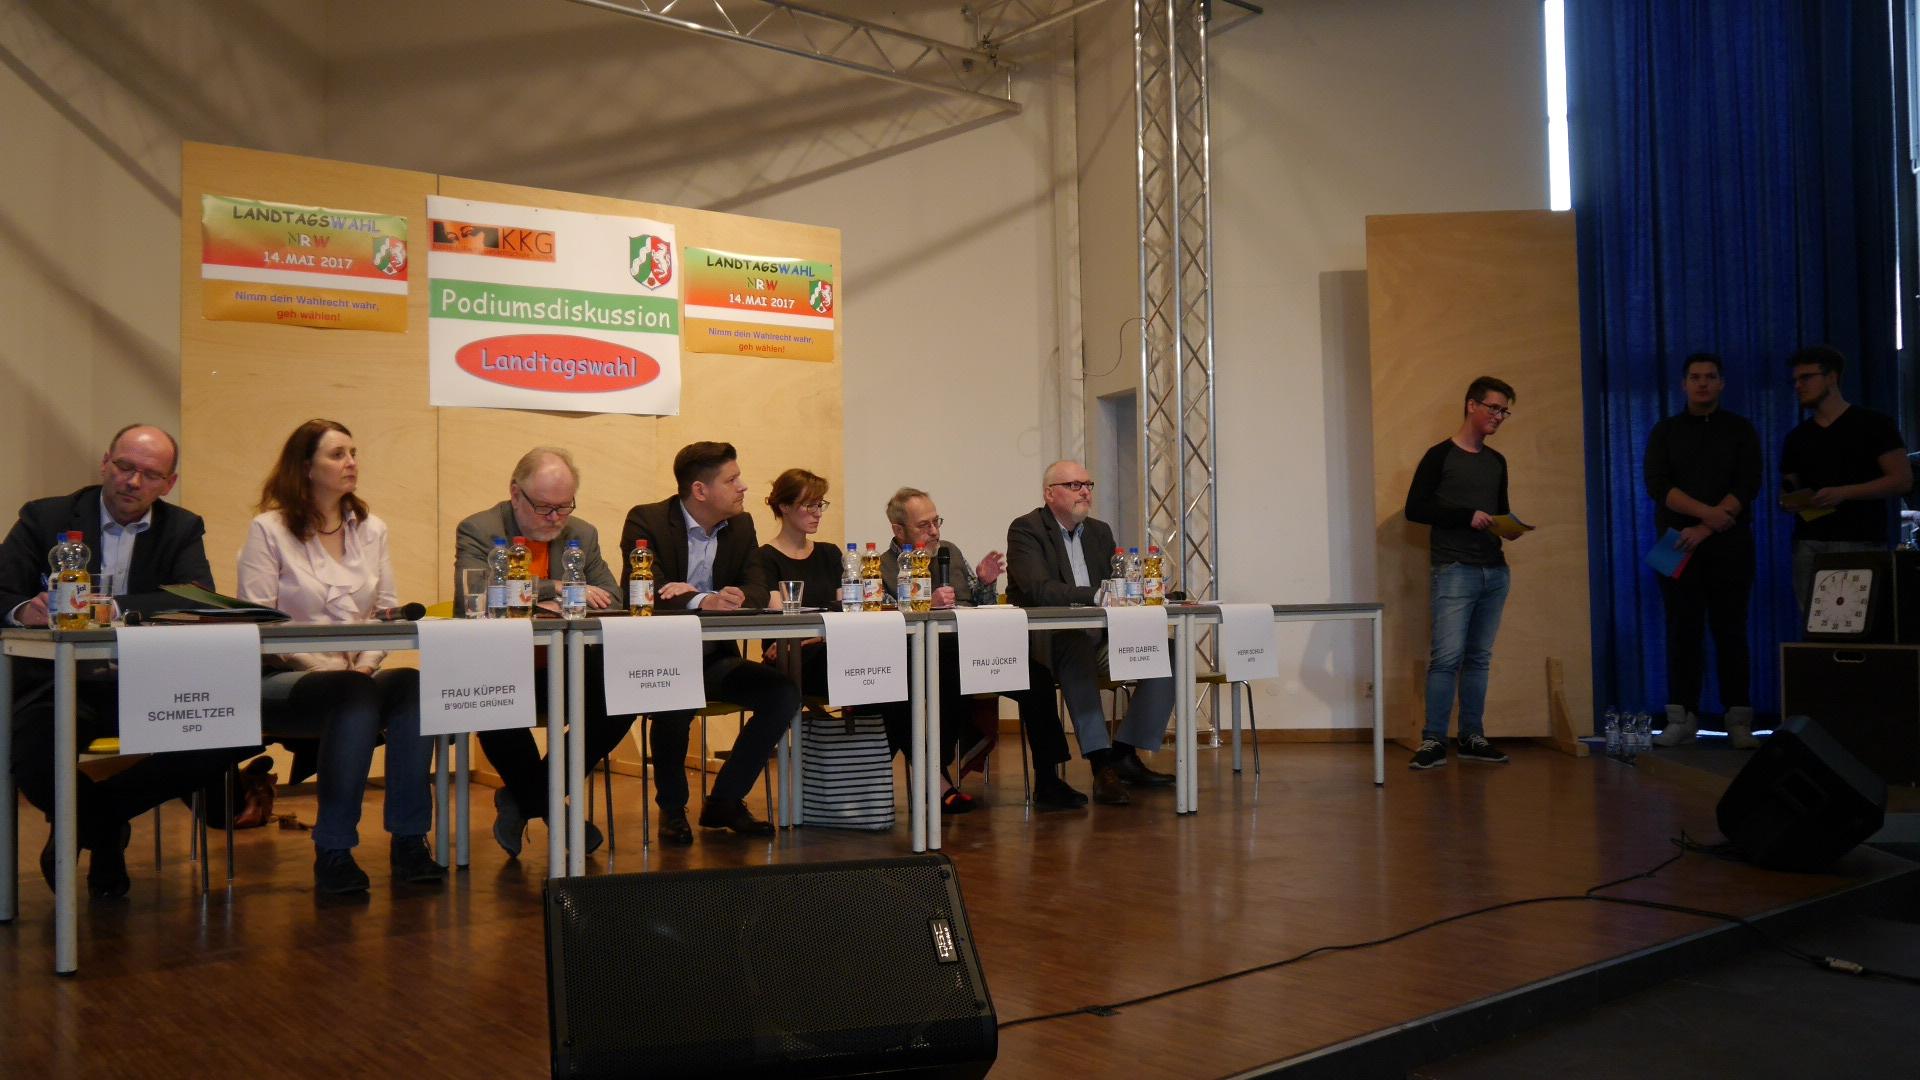 Podiumsdiskussion zur Landtagswahl NRW 2017